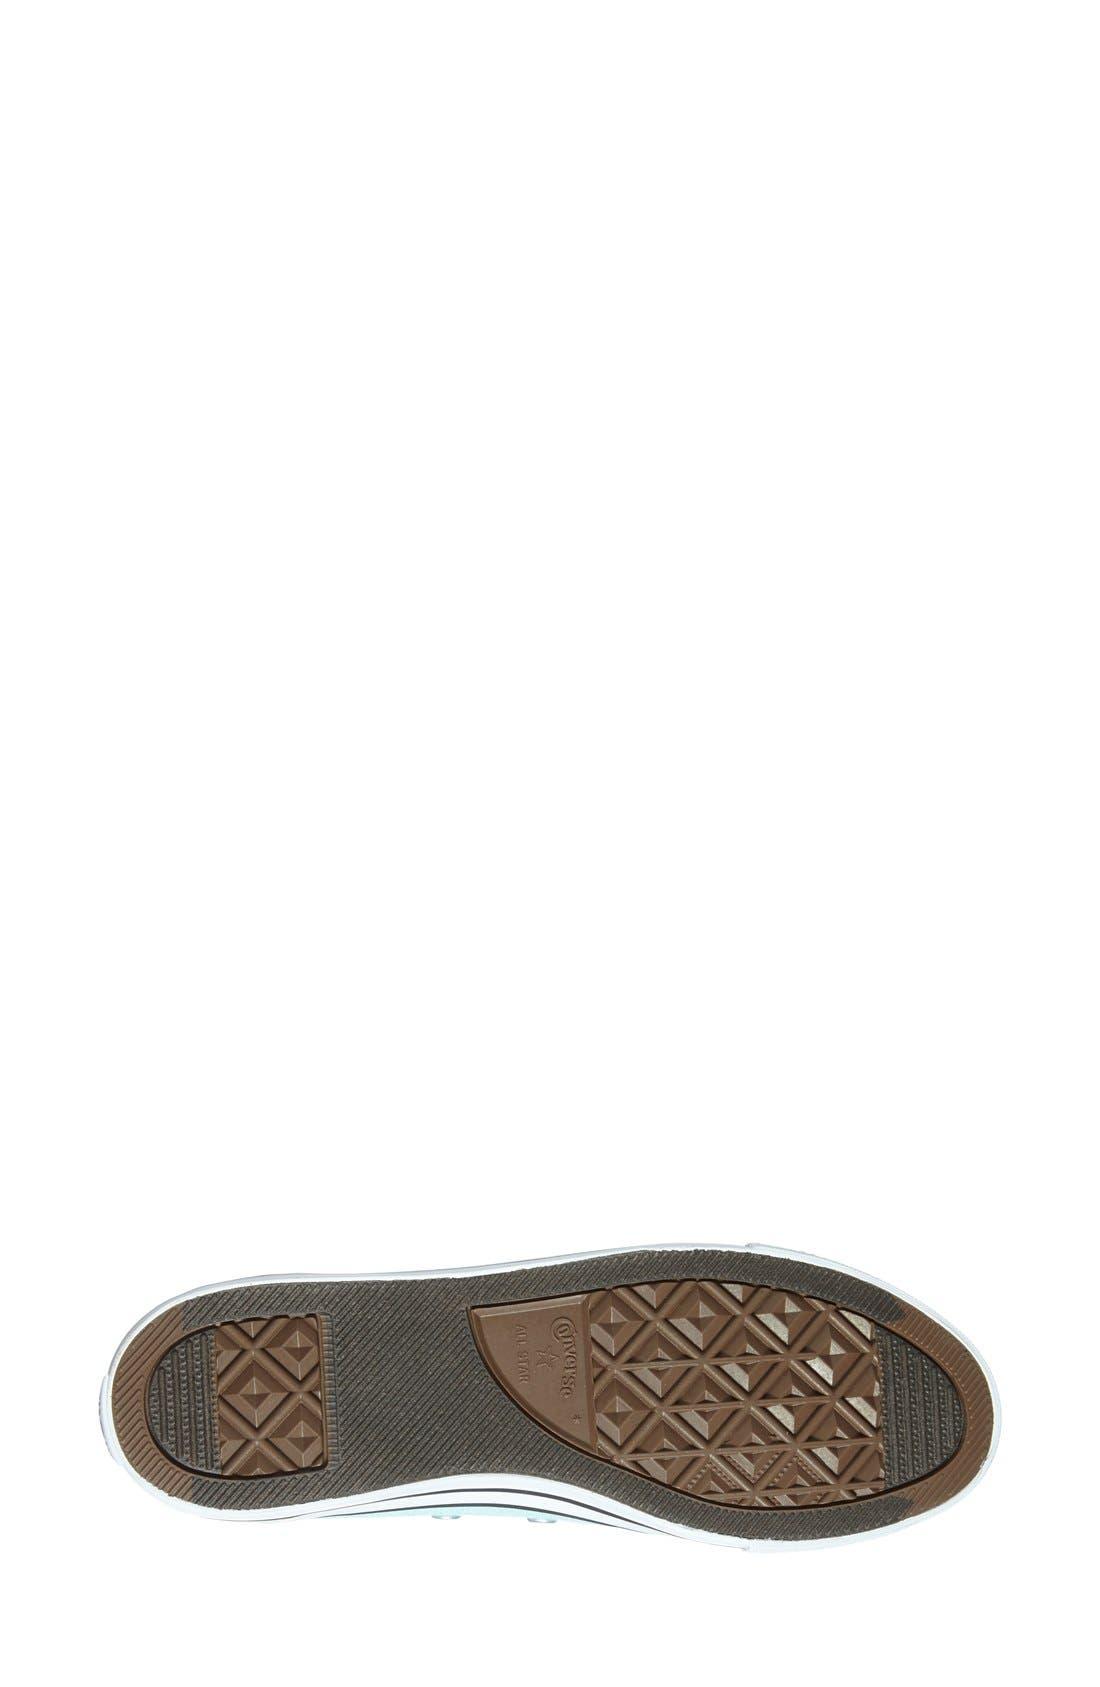 Alternate Image 4  - Converse 'Seasonal Dainty' Chuck Taylor® All Star® Low Top Sneaker (Women)